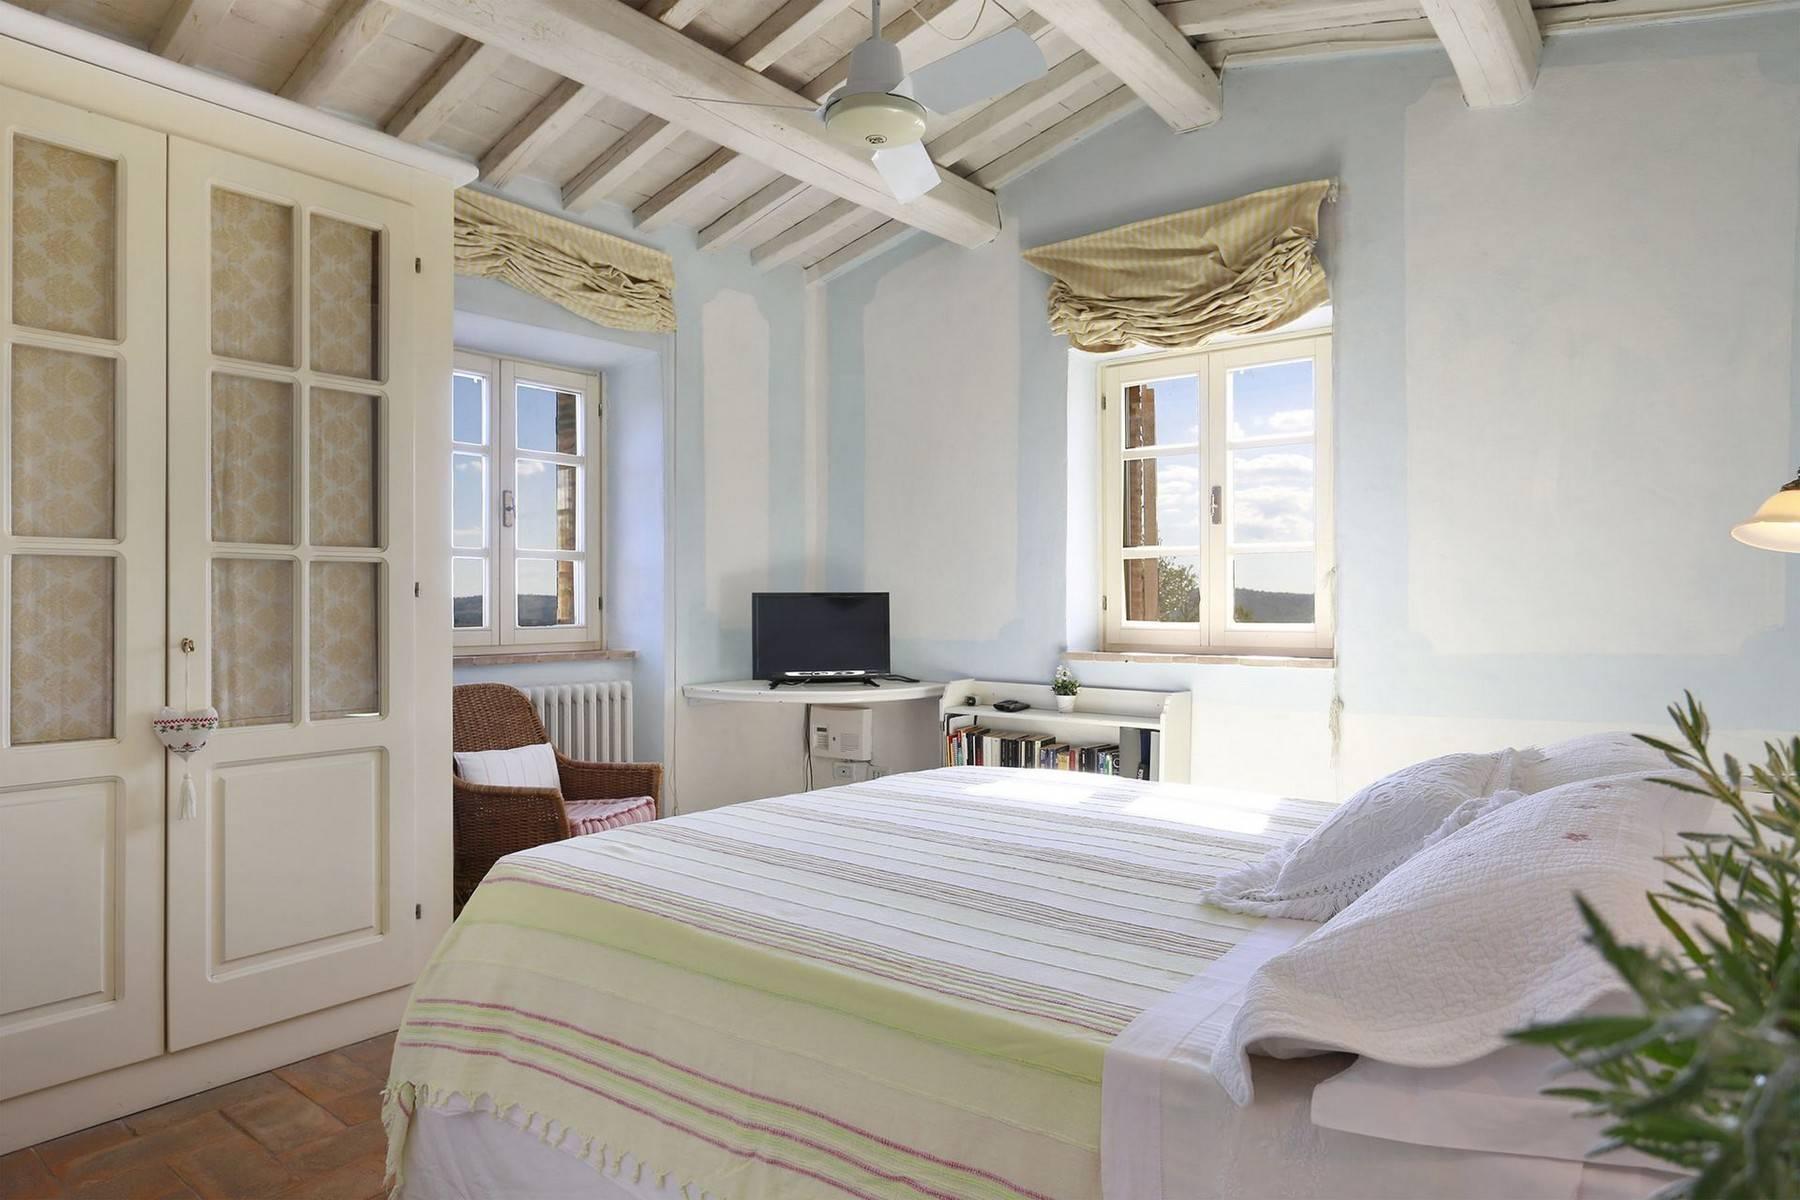 Rustico in Vendita a Manciano: 5 locali, 180 mq - Foto 28